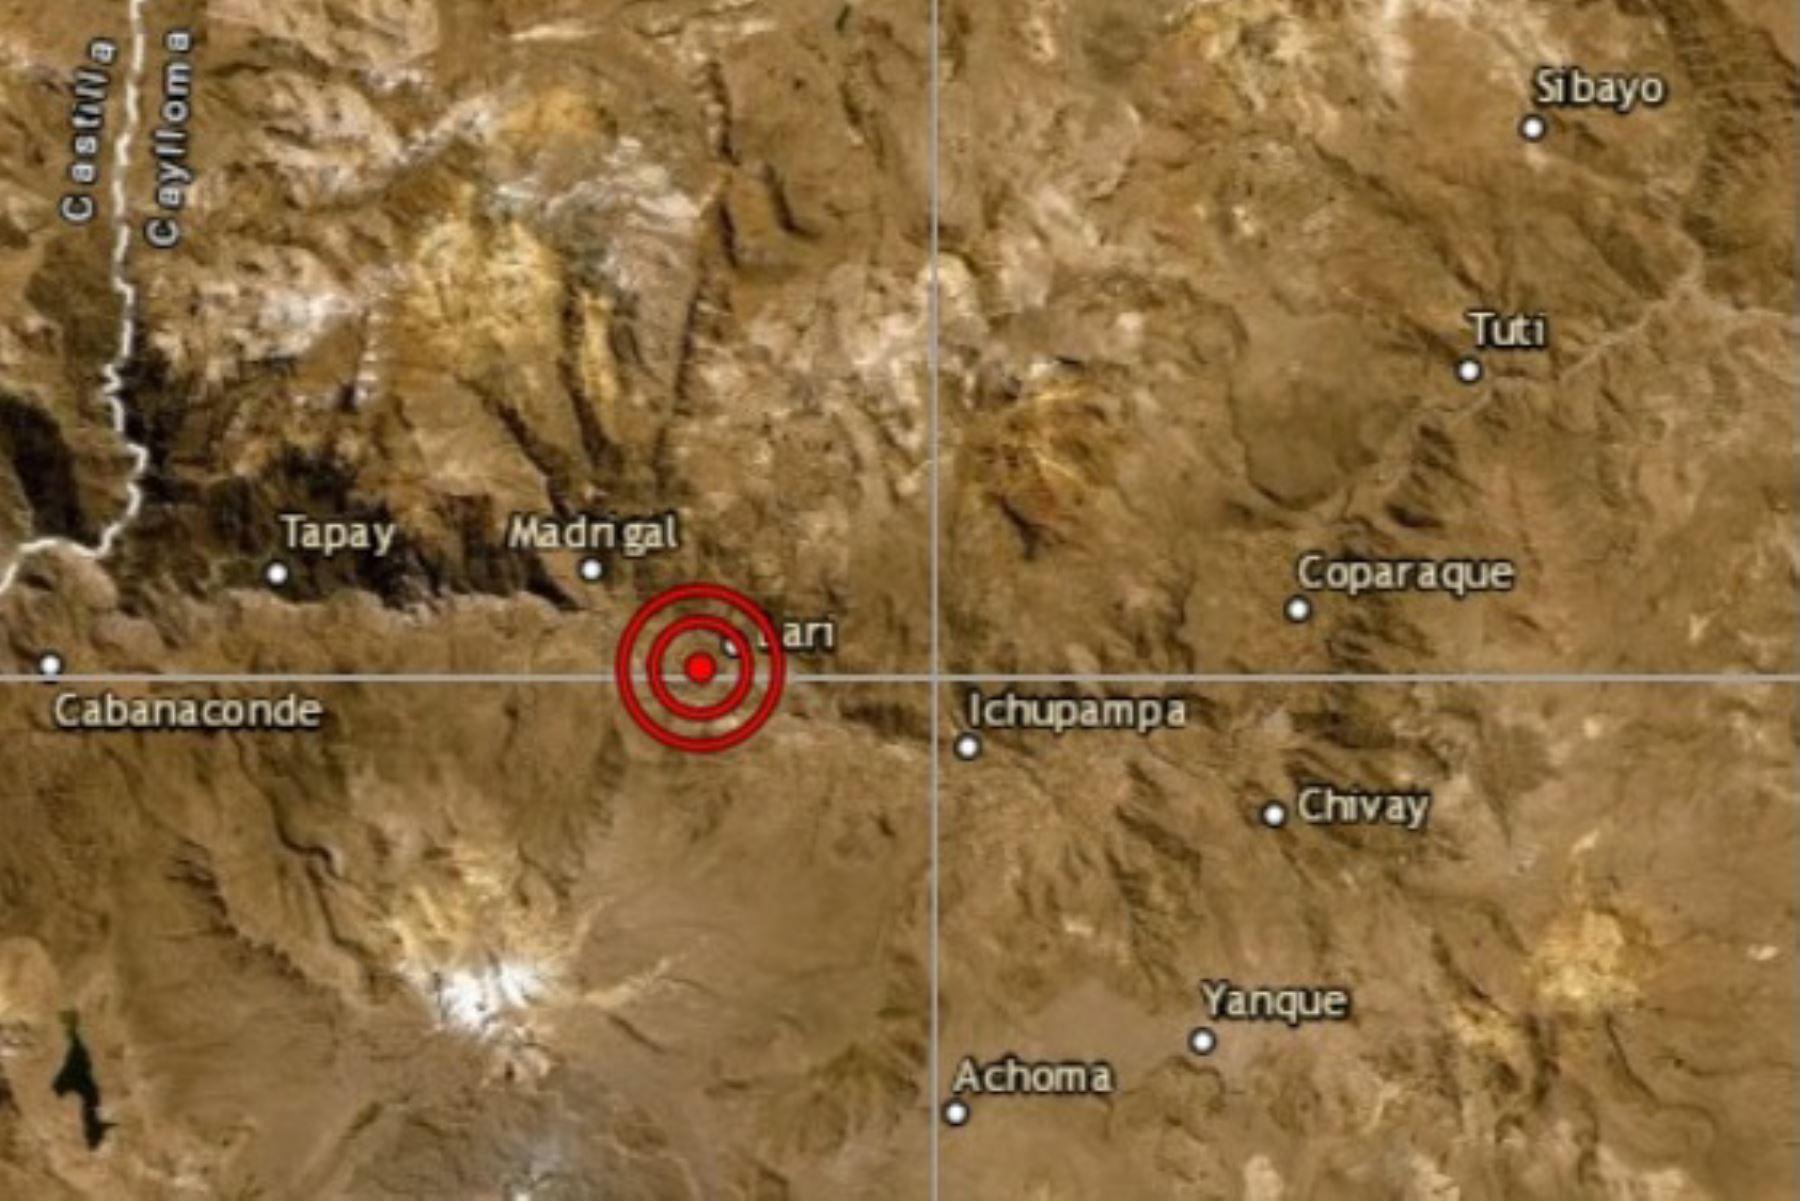 Reportan sismo de magnitud 3.4 en la localidad de Madrigal, provincia de Caylloma, en Arequipa.